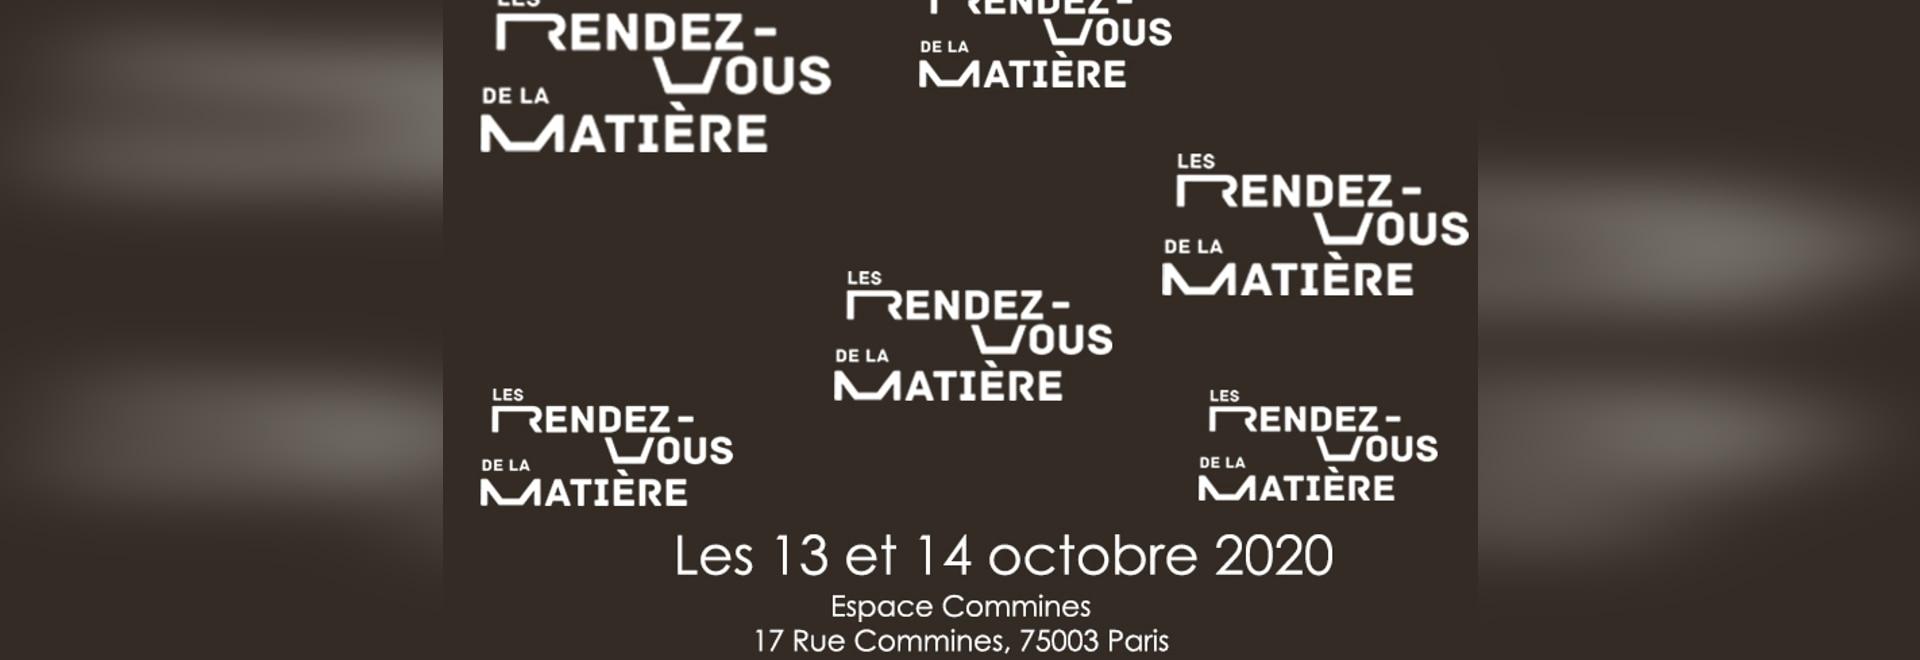 Ferias RDV de la matiere 13 al 14 de octubre en Francia